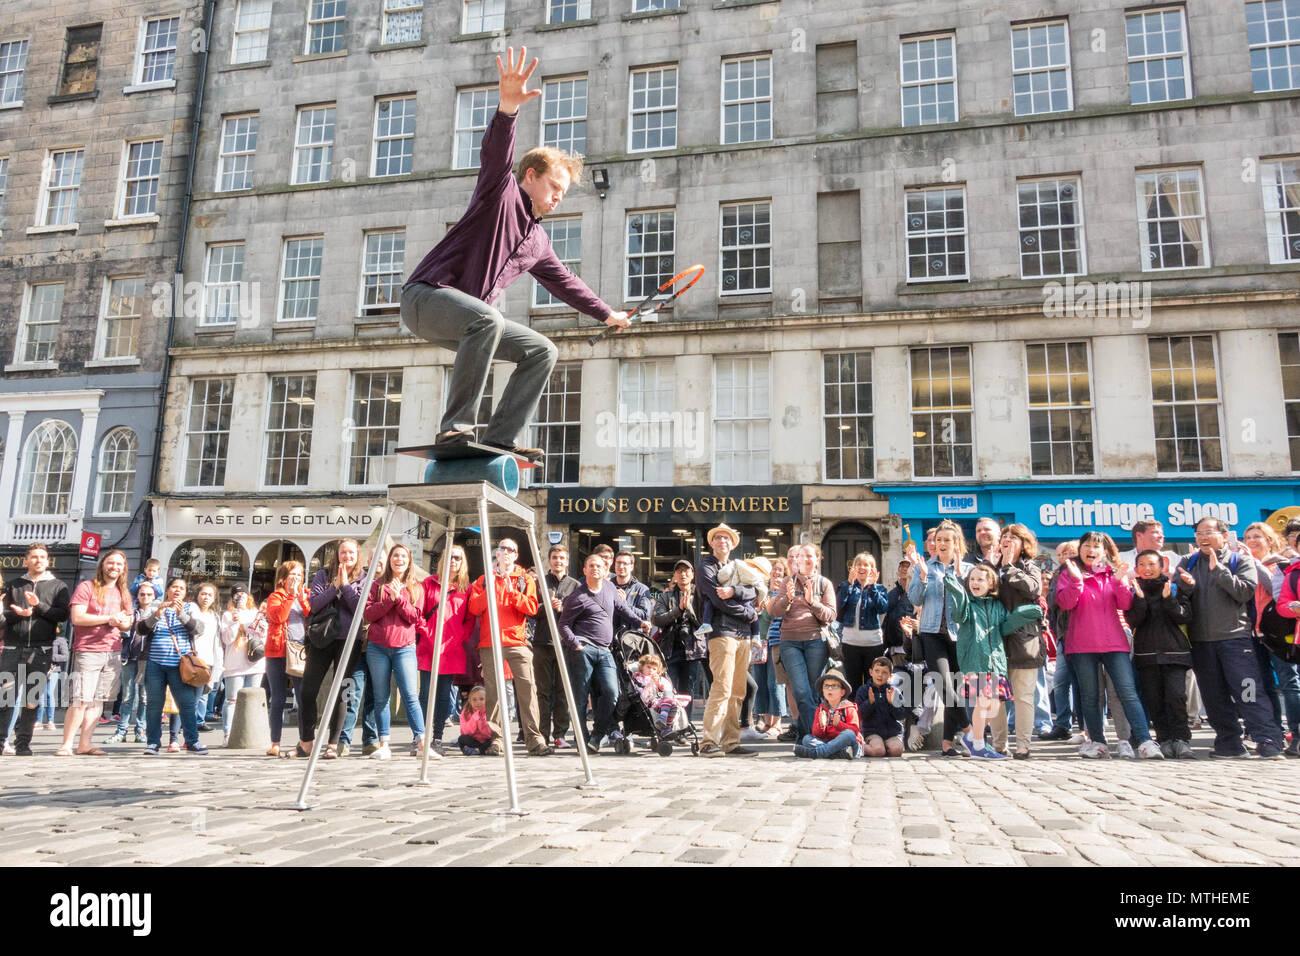 Street Performer entertaining a large crowd outside the Edinburgh Fringe Shop (Edfinge Shop) on the Royal Mile, Edinburgh, Scotland, UK - Stock Image